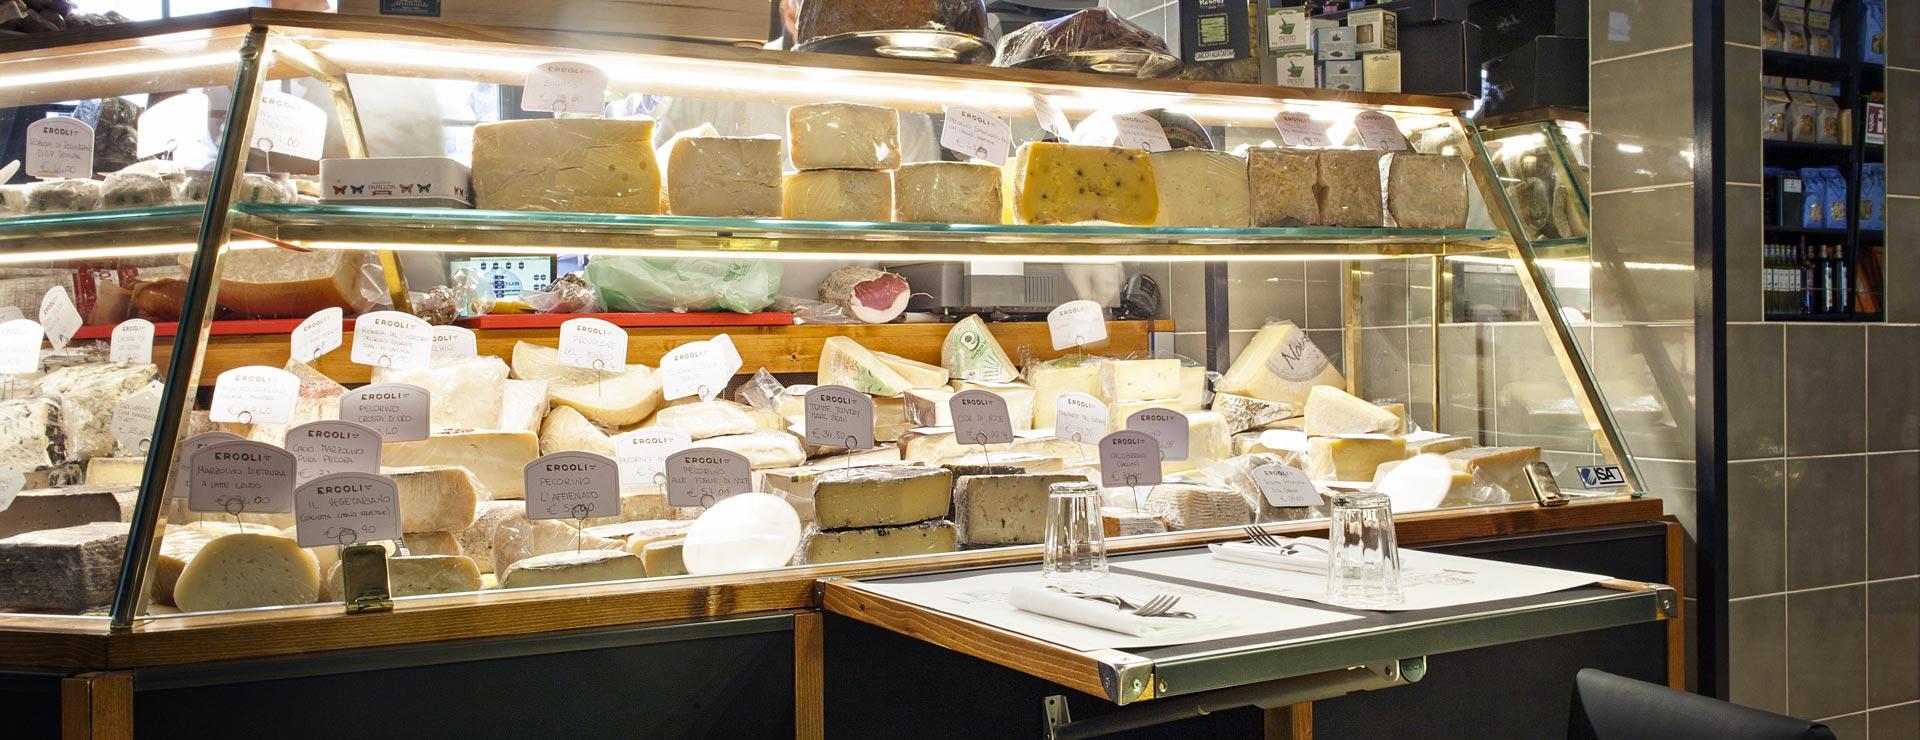 gastronomia con selezione di formaggi